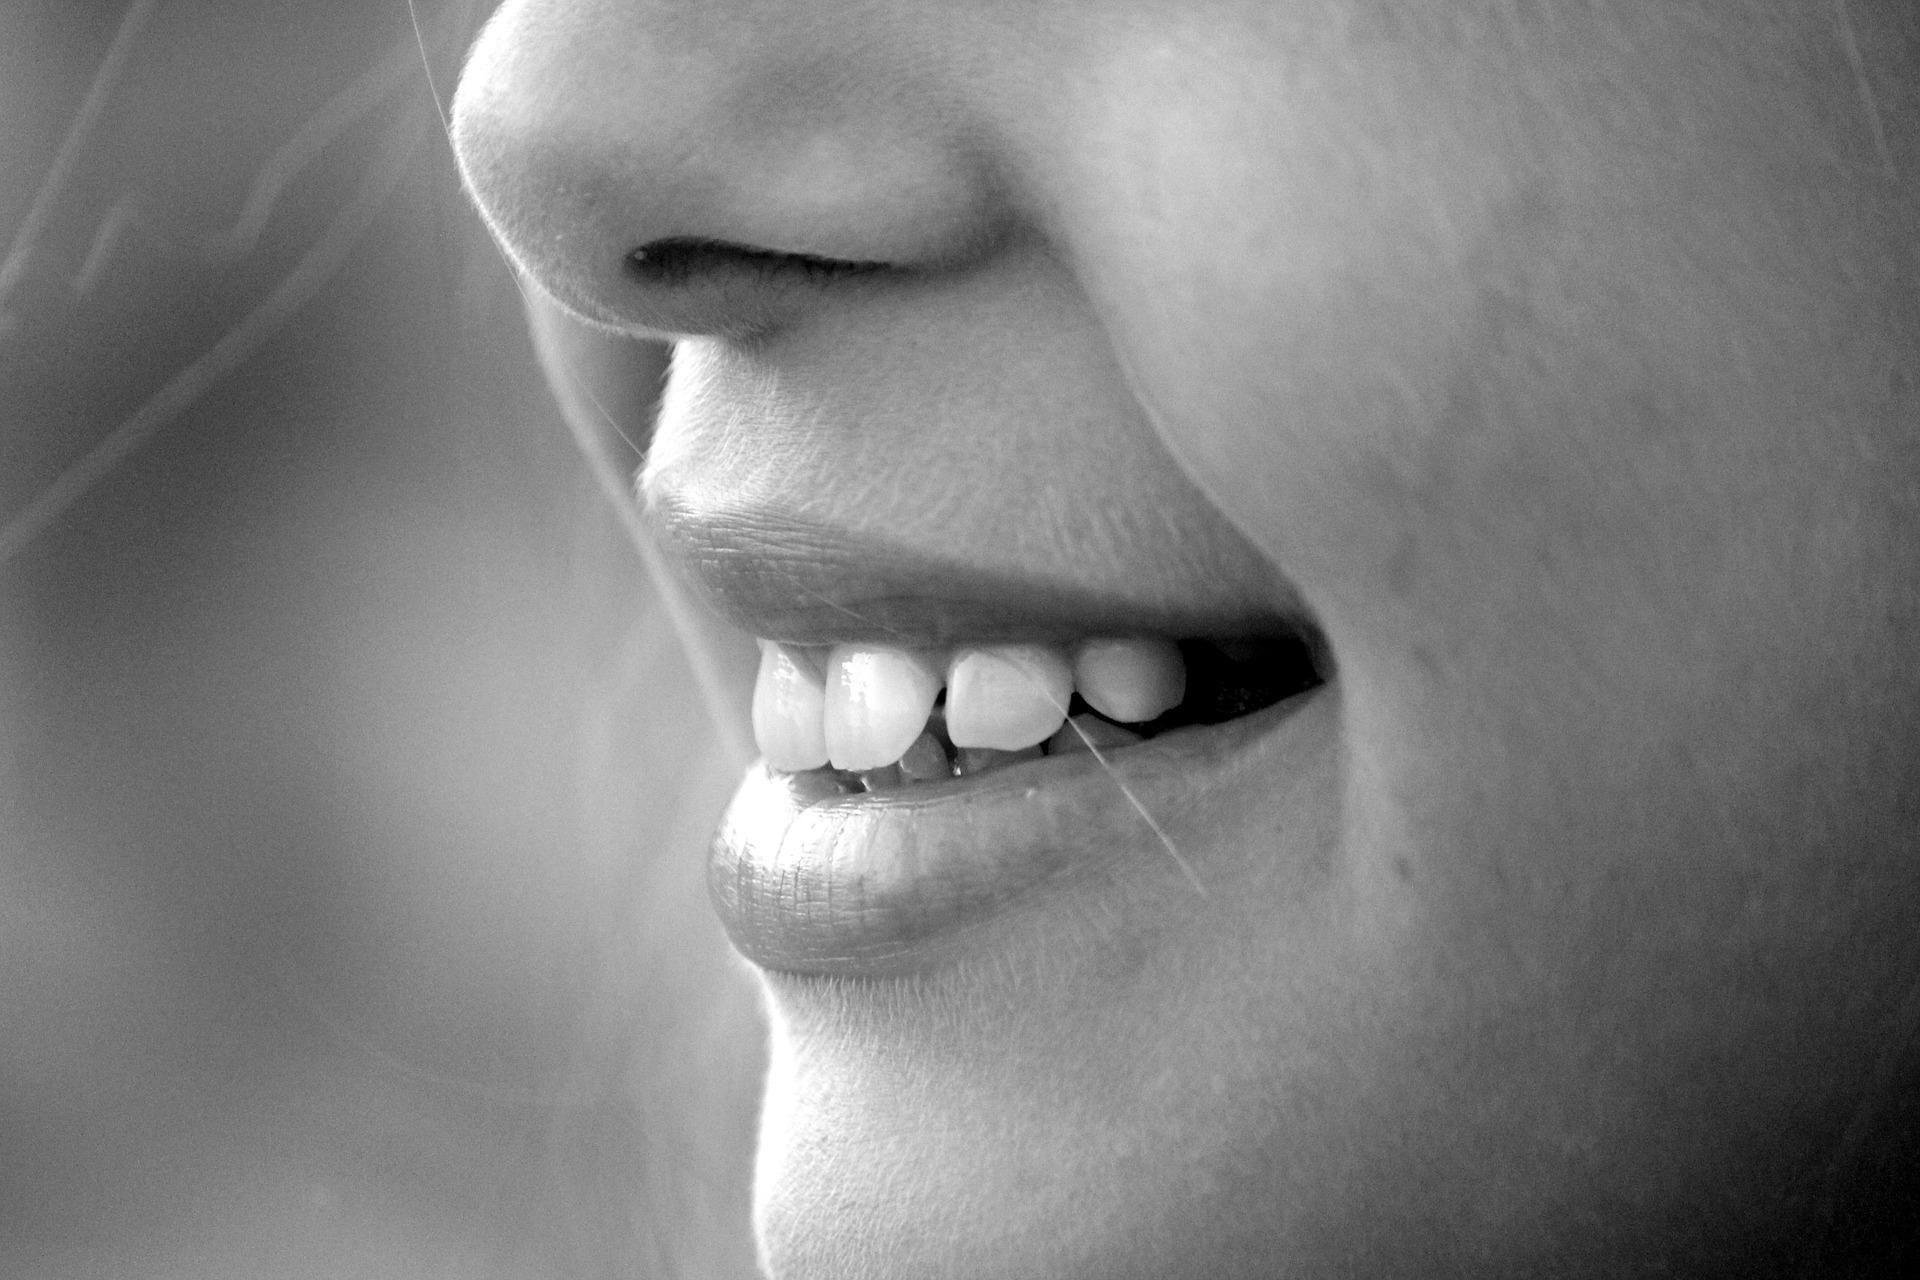 sonreir-sonrisa